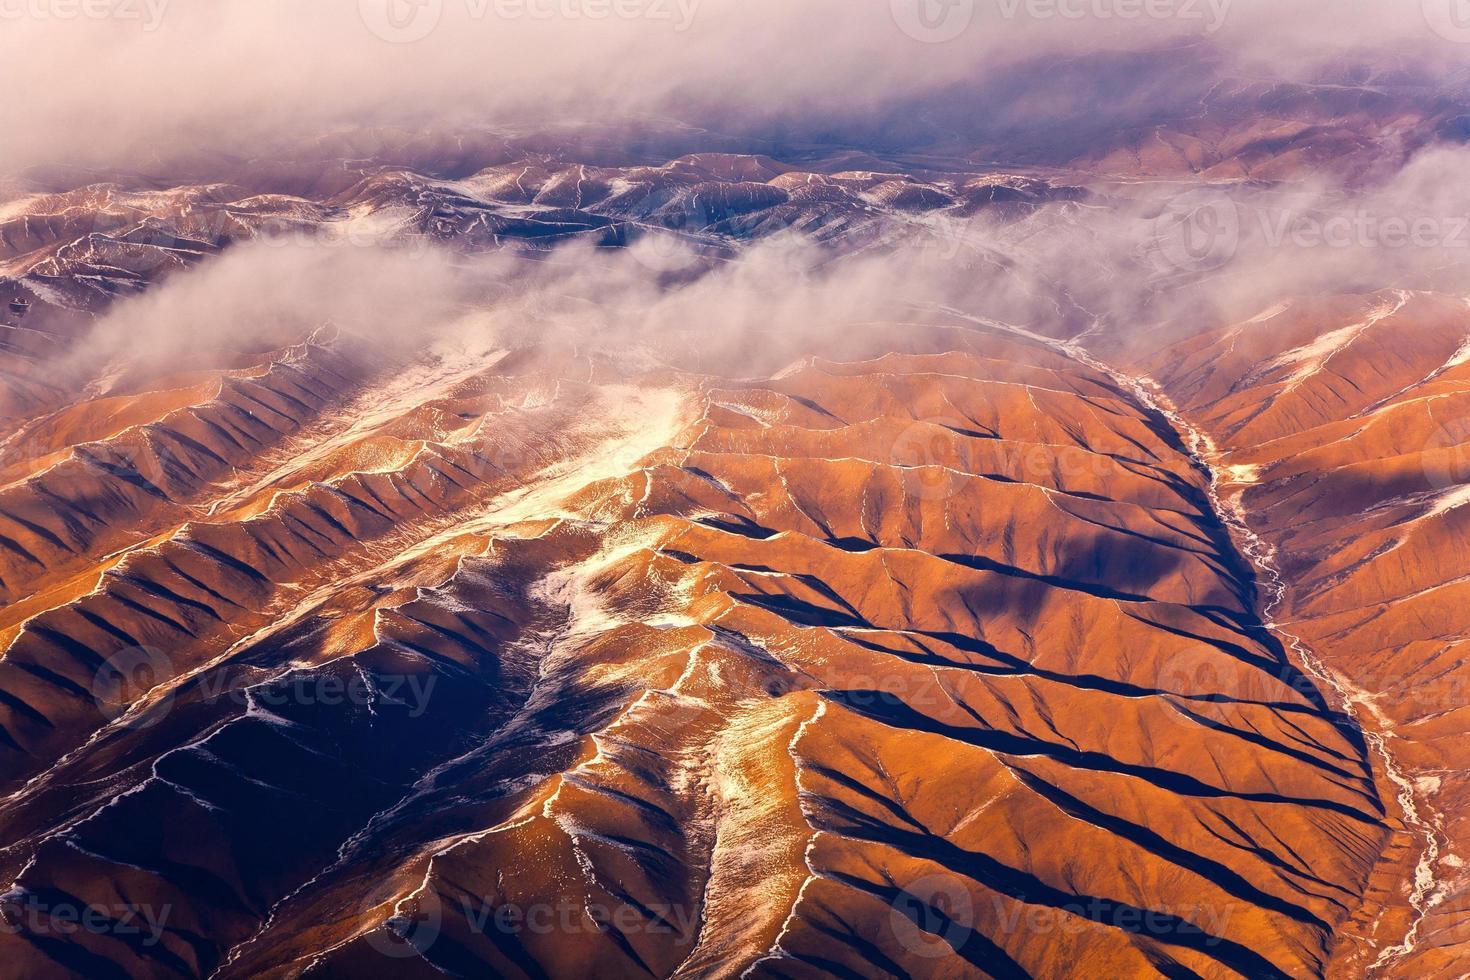 utsikt från flygplanet till bergen i himalayan foto